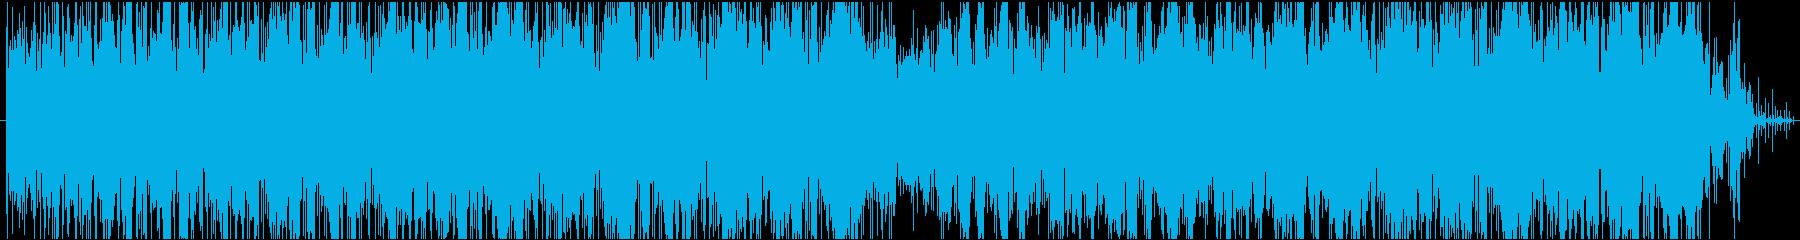 大人な雰囲気のグルーブパターンの再生済みの波形